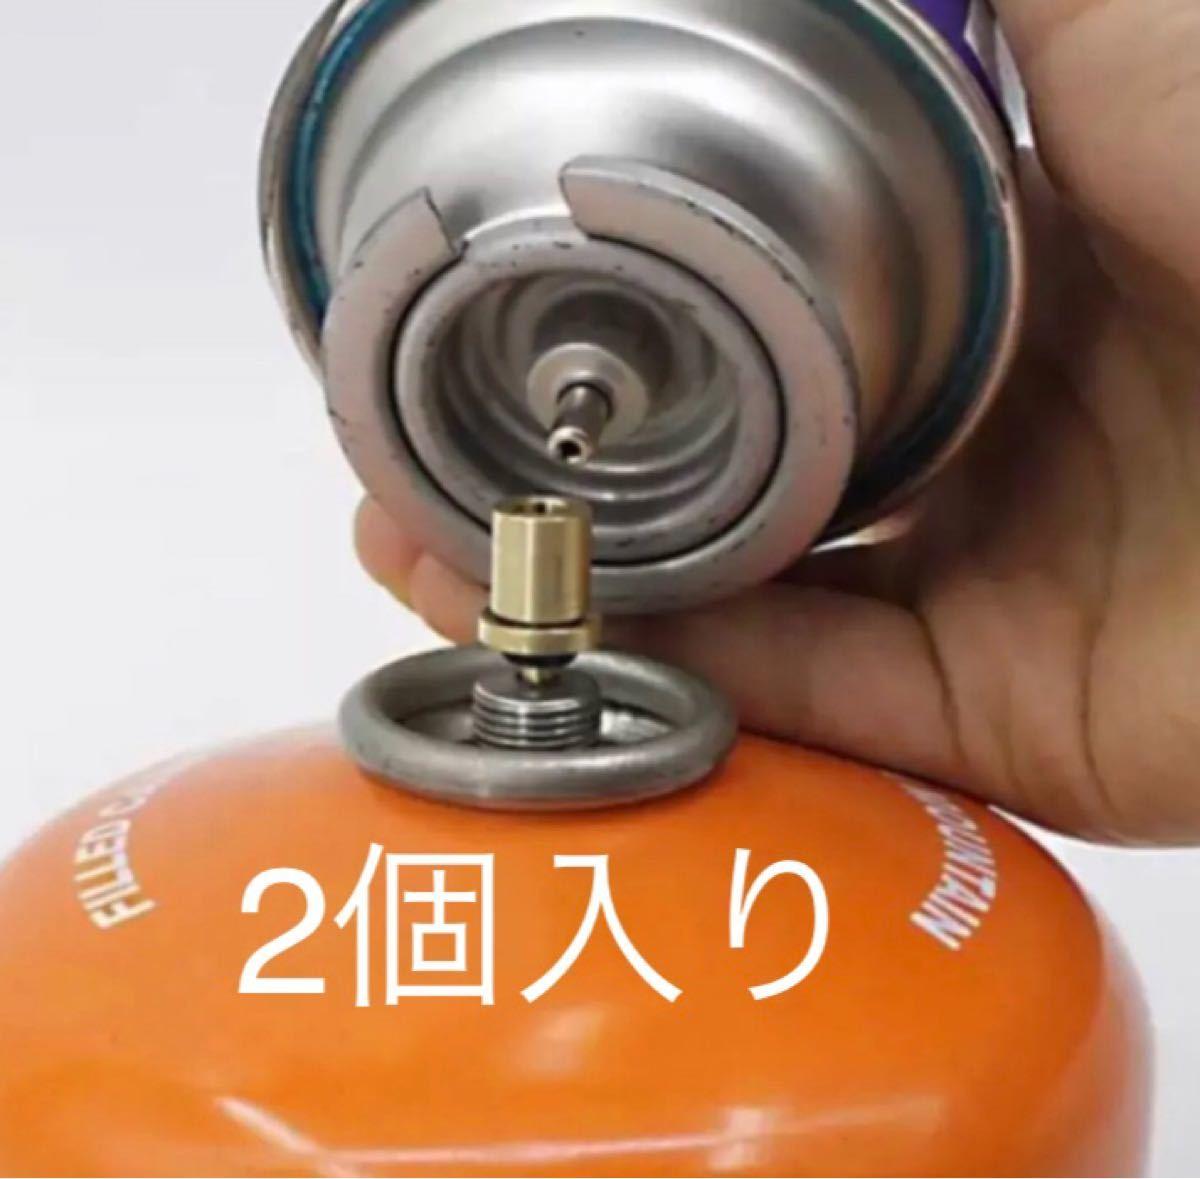 ガス詰め替えアダプター2個入り リフィル CB缶→OD缶 補充・充填